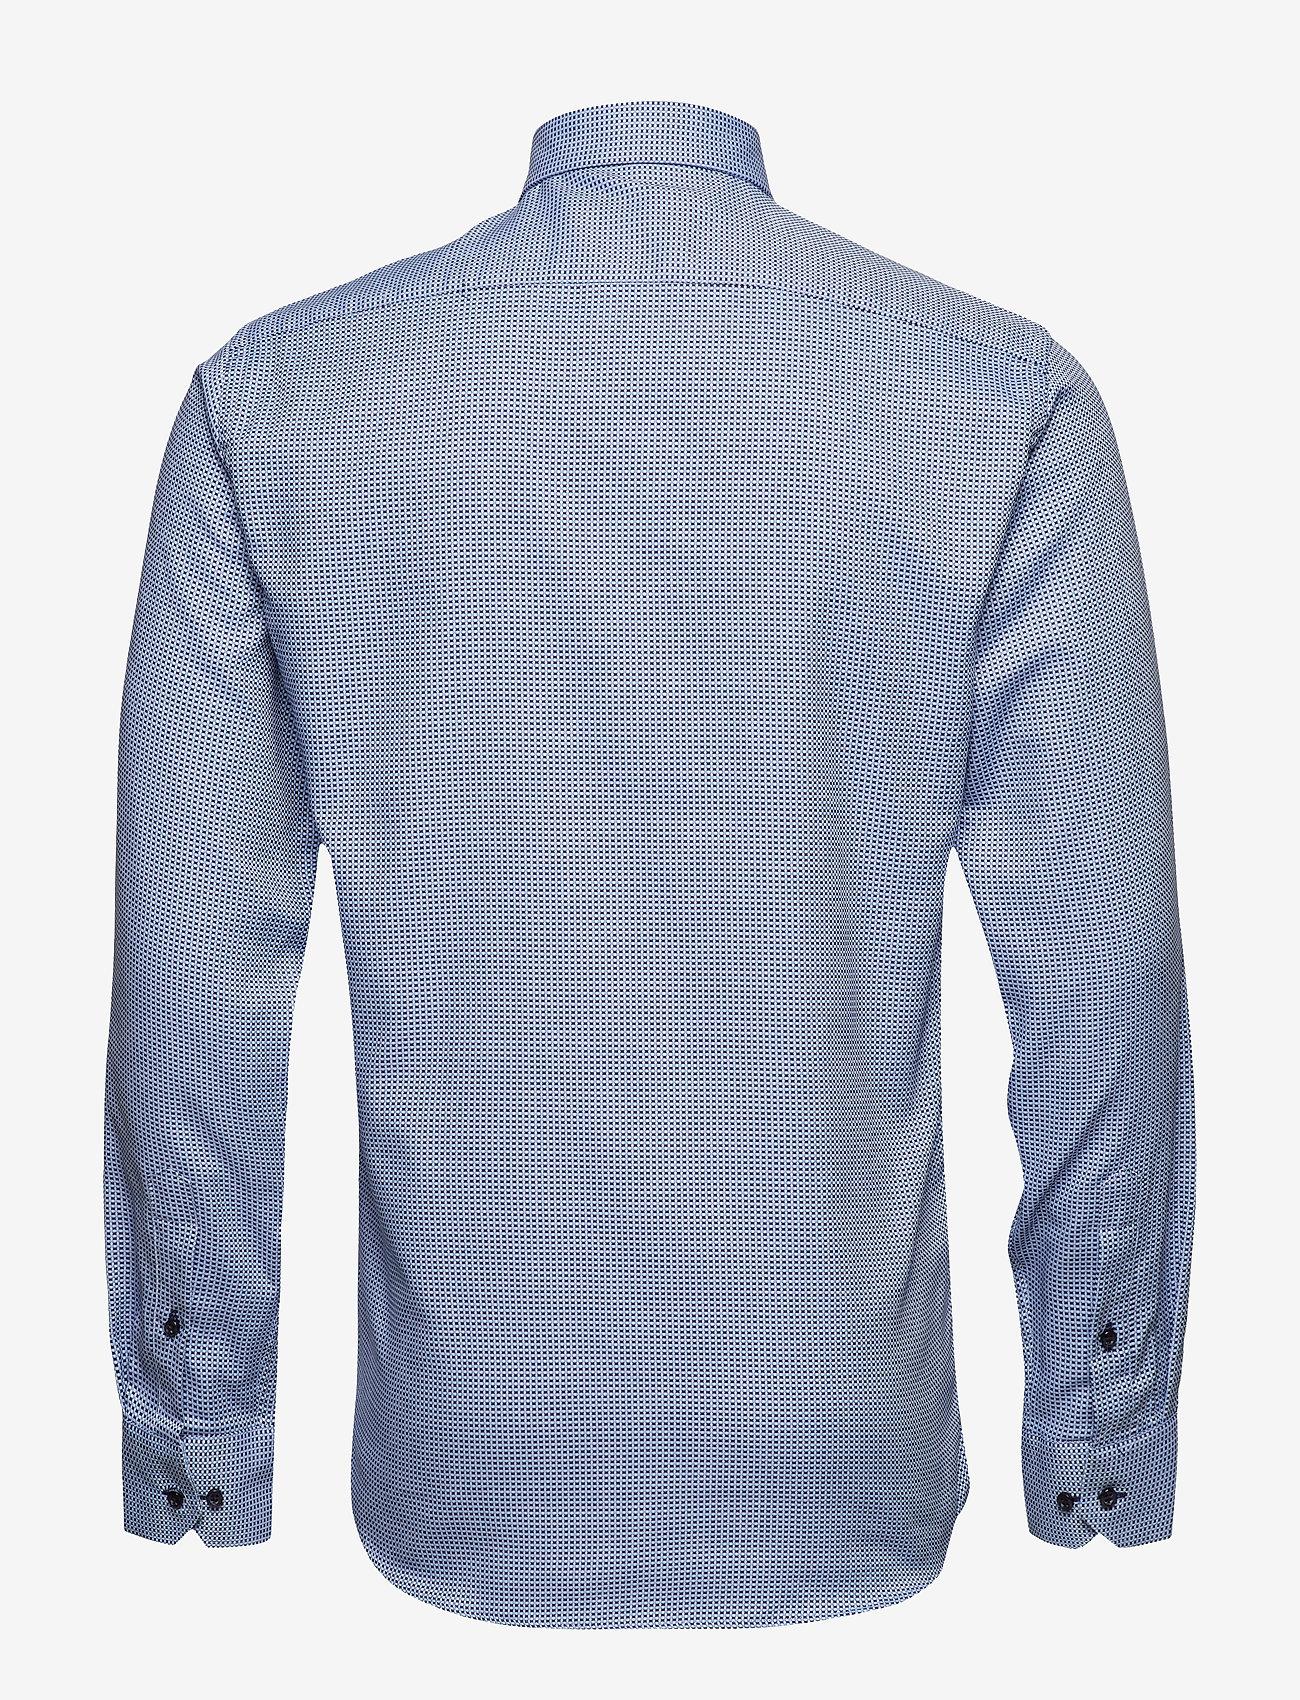 Seven Seas Copenhagen Dobby | Alonso - Slim Fit - Skjorter BLUE - Menn Klær